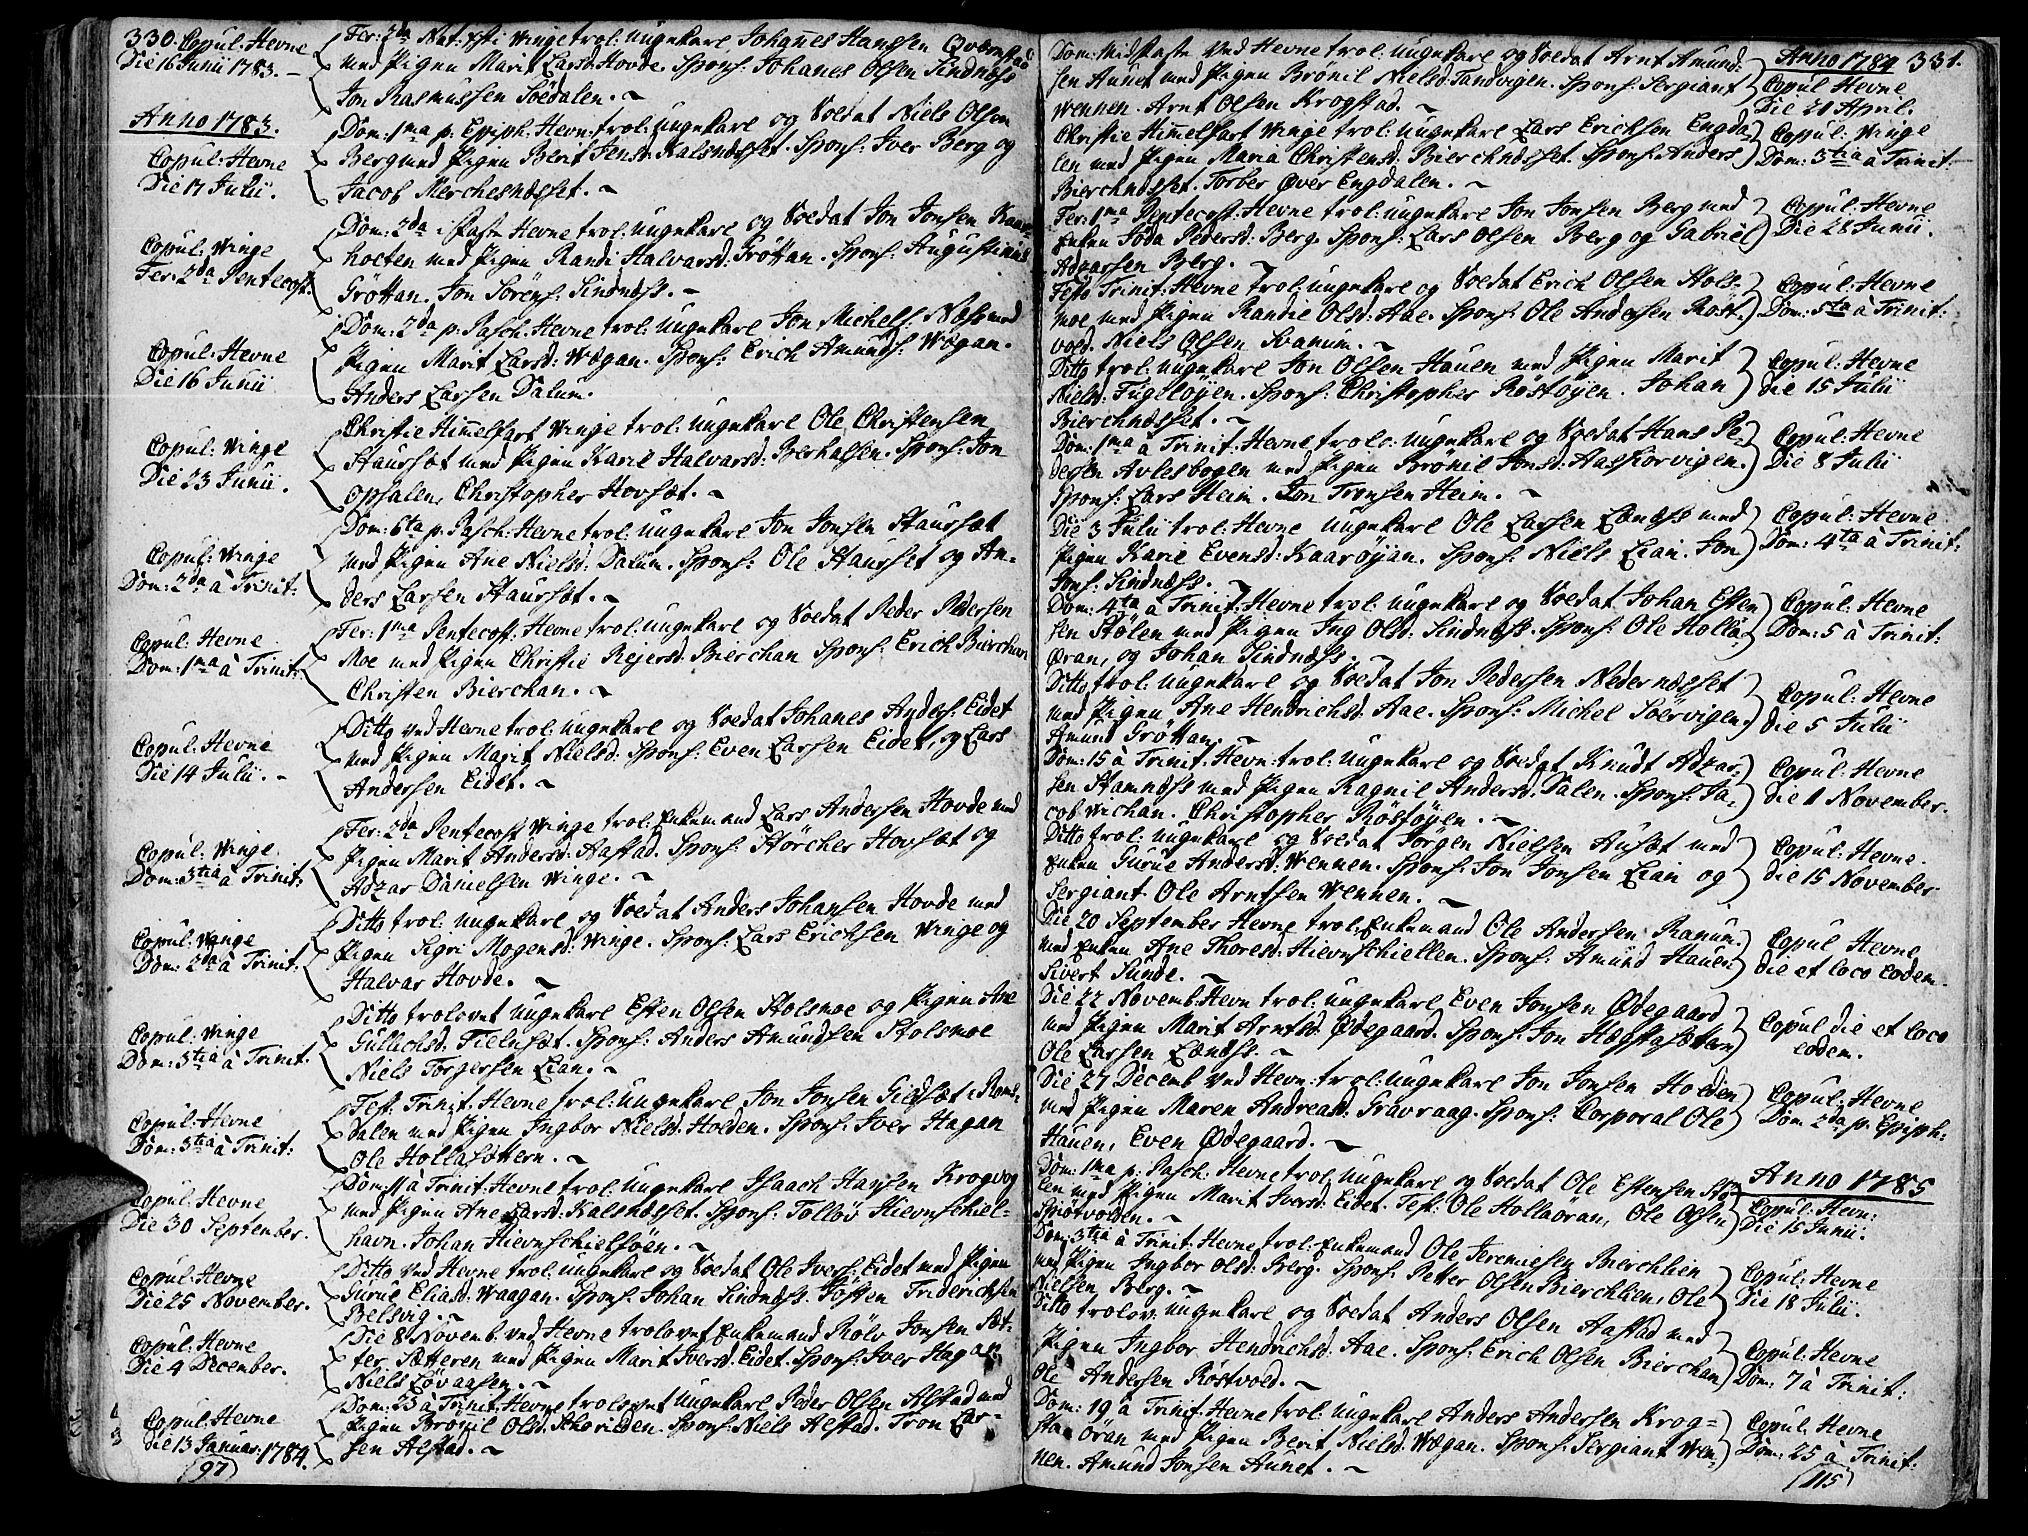 SAT, Ministerialprotokoller, klokkerbøker og fødselsregistre - Sør-Trøndelag, 630/L0489: Ministerialbok nr. 630A02, 1757-1794, s. 330-331